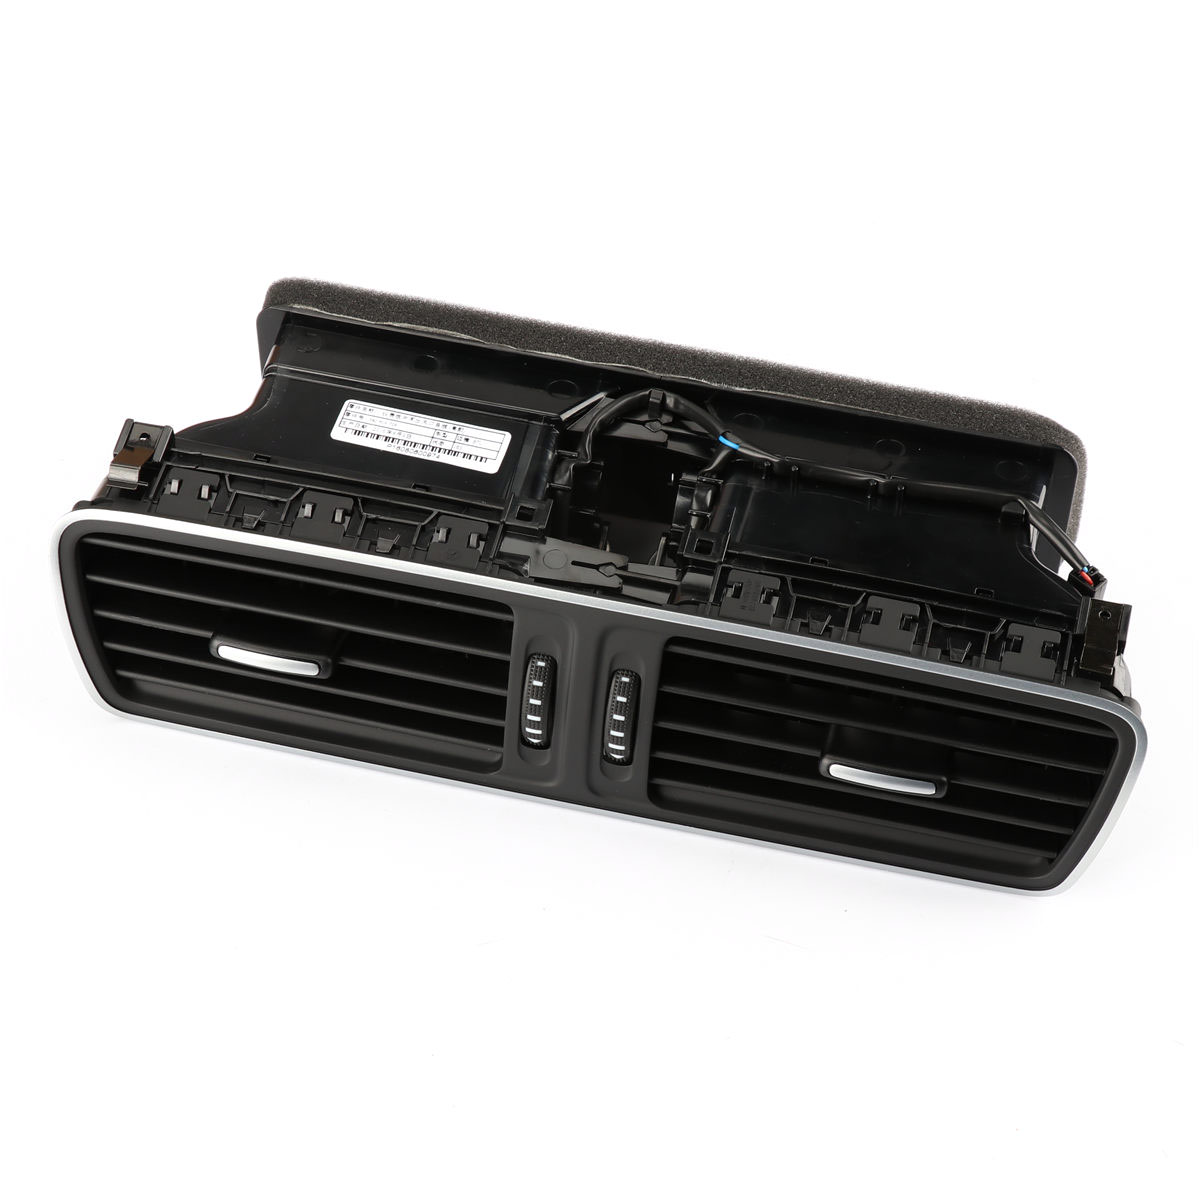 OEM Black Chrome Front Dash Central Air Vent For Volkswagen PASSAT B6 B7 CC 3AD 819 728 3pcs oem black piano paint chrome car center console air condition vents for passat b6 b7 cc r36 3ad 819 701 a 3ad 819 702 a